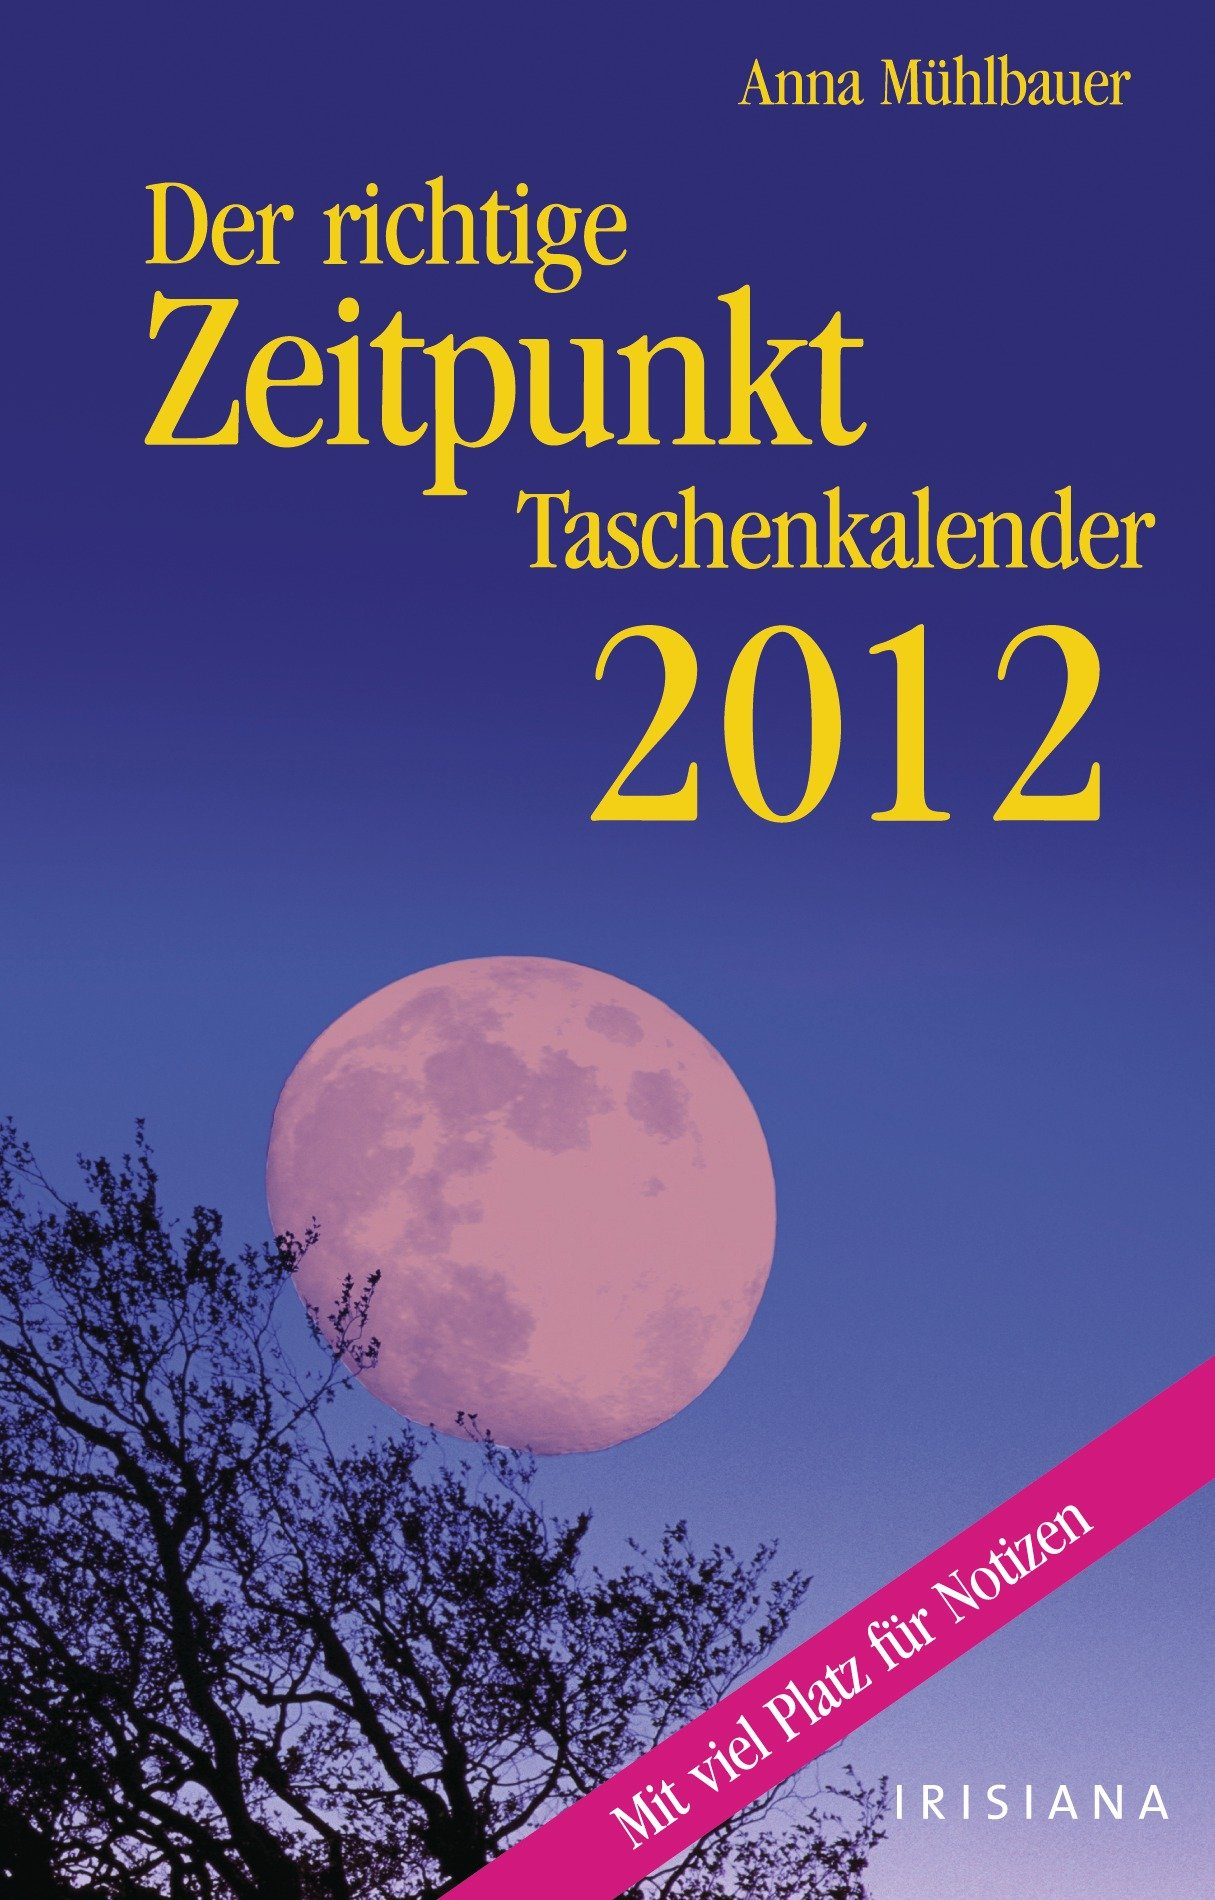 Der richtige Zeitpunkt 2012 Taschenkalender